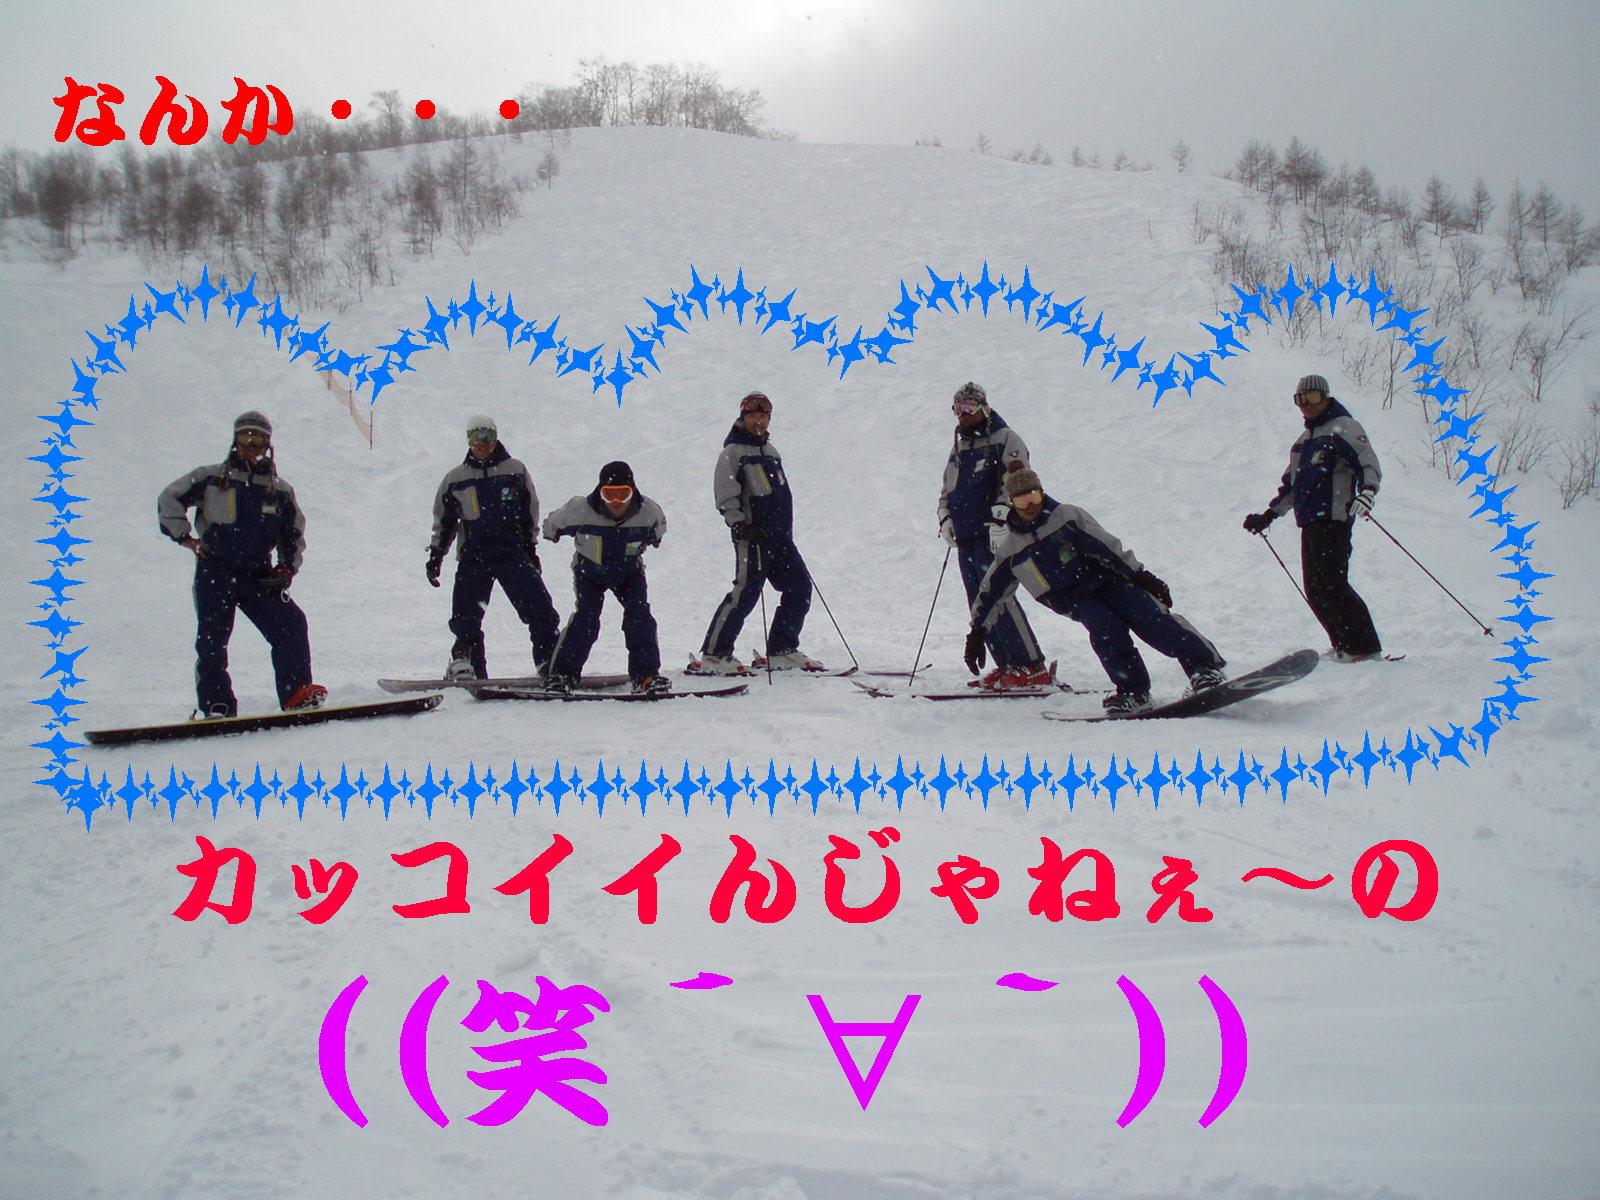 スノーボードバッヂテスト終了☆★_f0118218_2015738.jpg